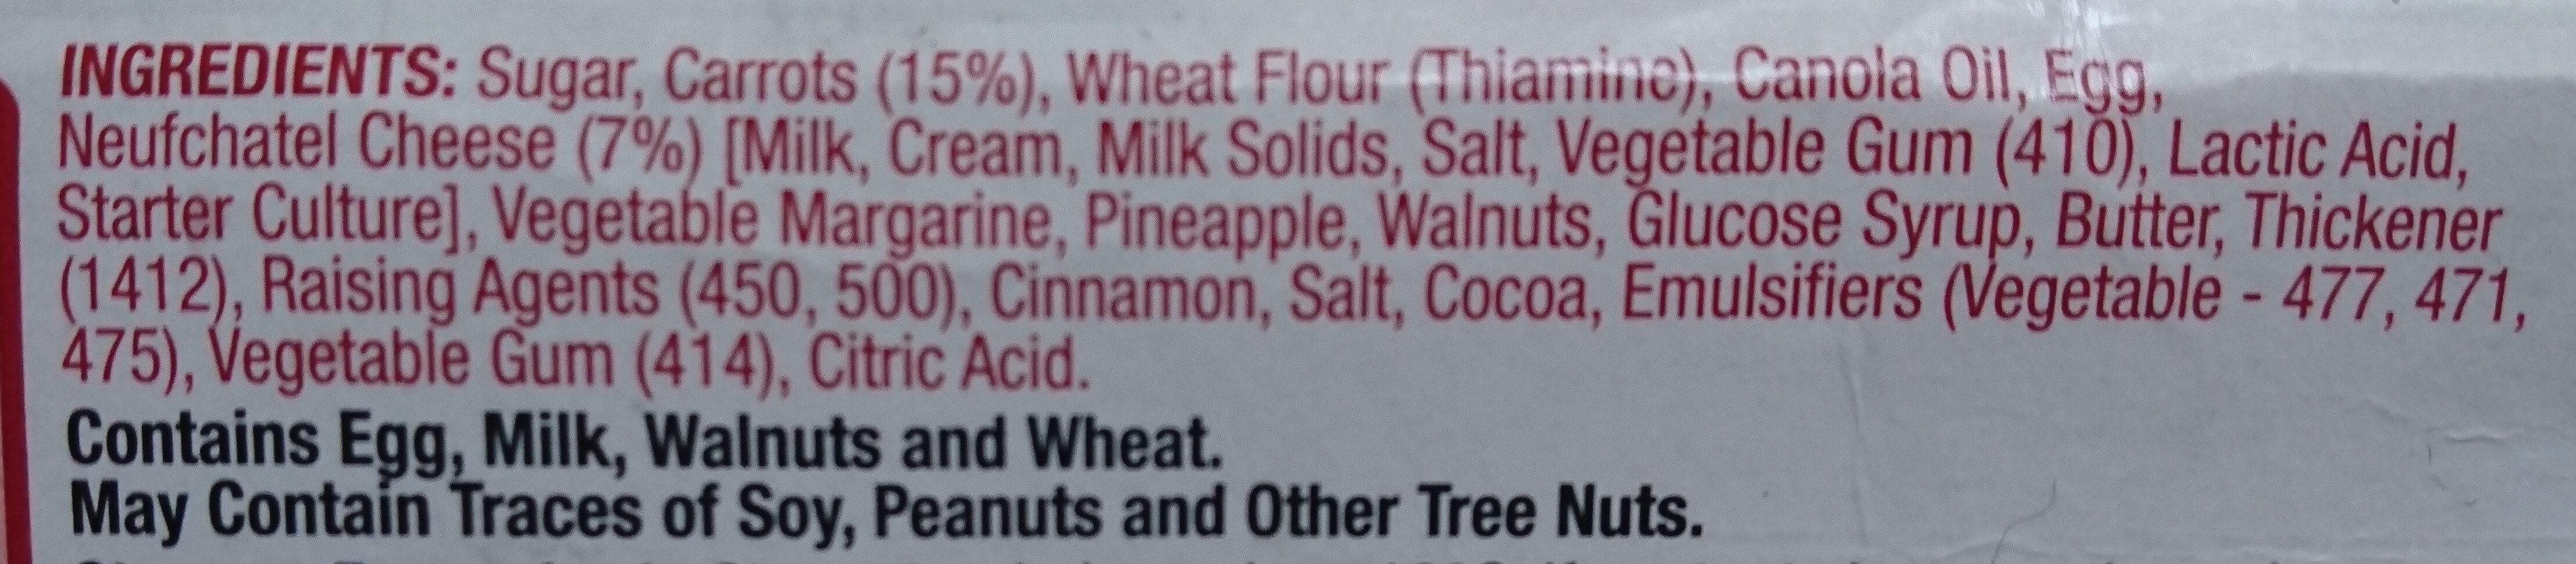 Carrot Cake - Ingredients - en